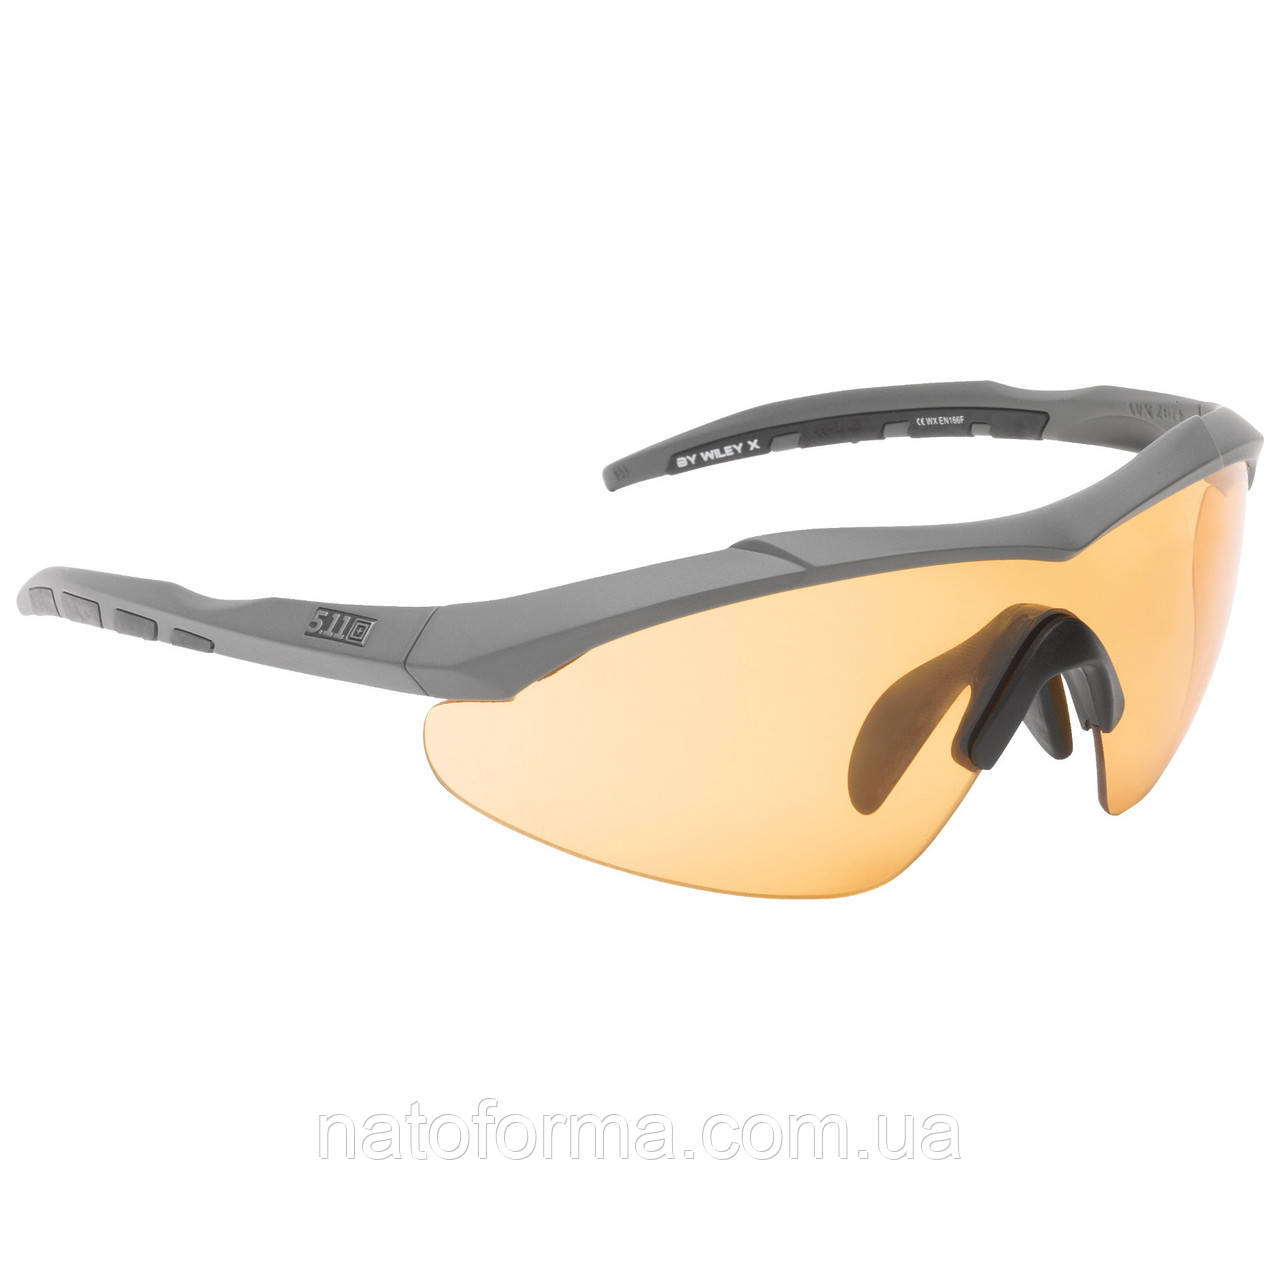 Очки тактические 5.11 Aileron Shield (комплект), реплика, черный